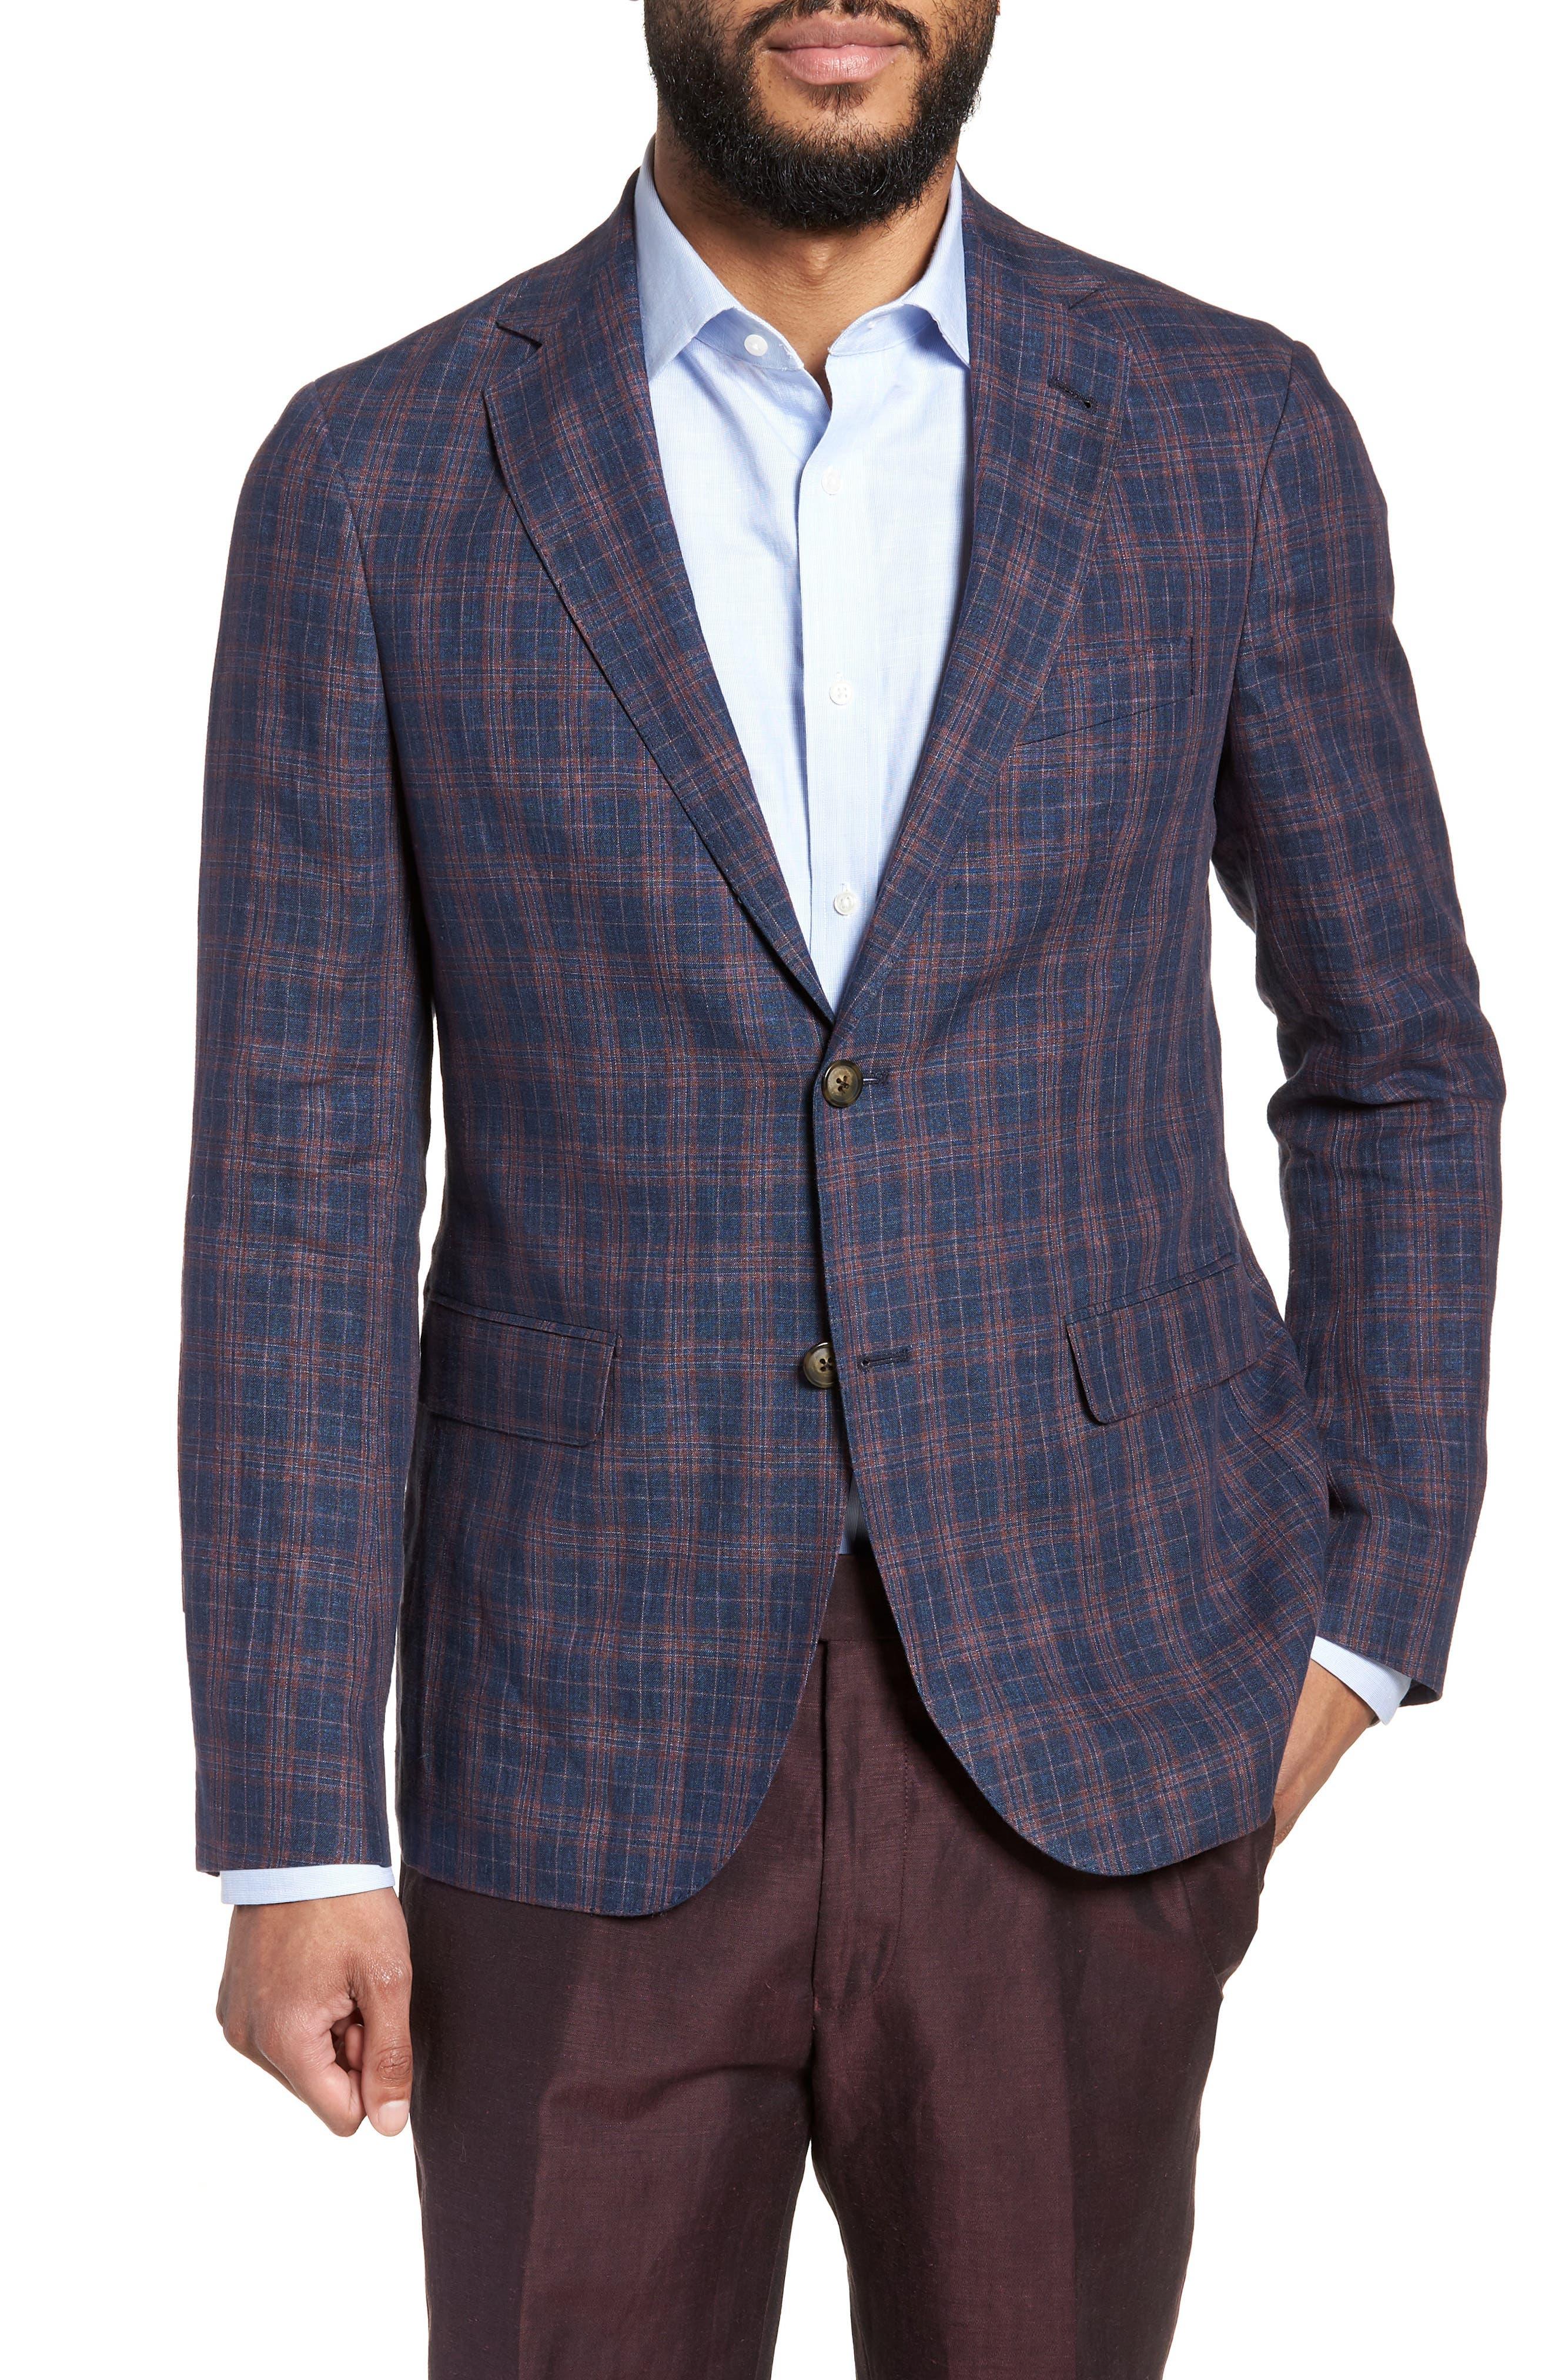 Vanquish Trim Fit Plaid Linen Sport Coat,                         Main,                         color, Navy/ Red